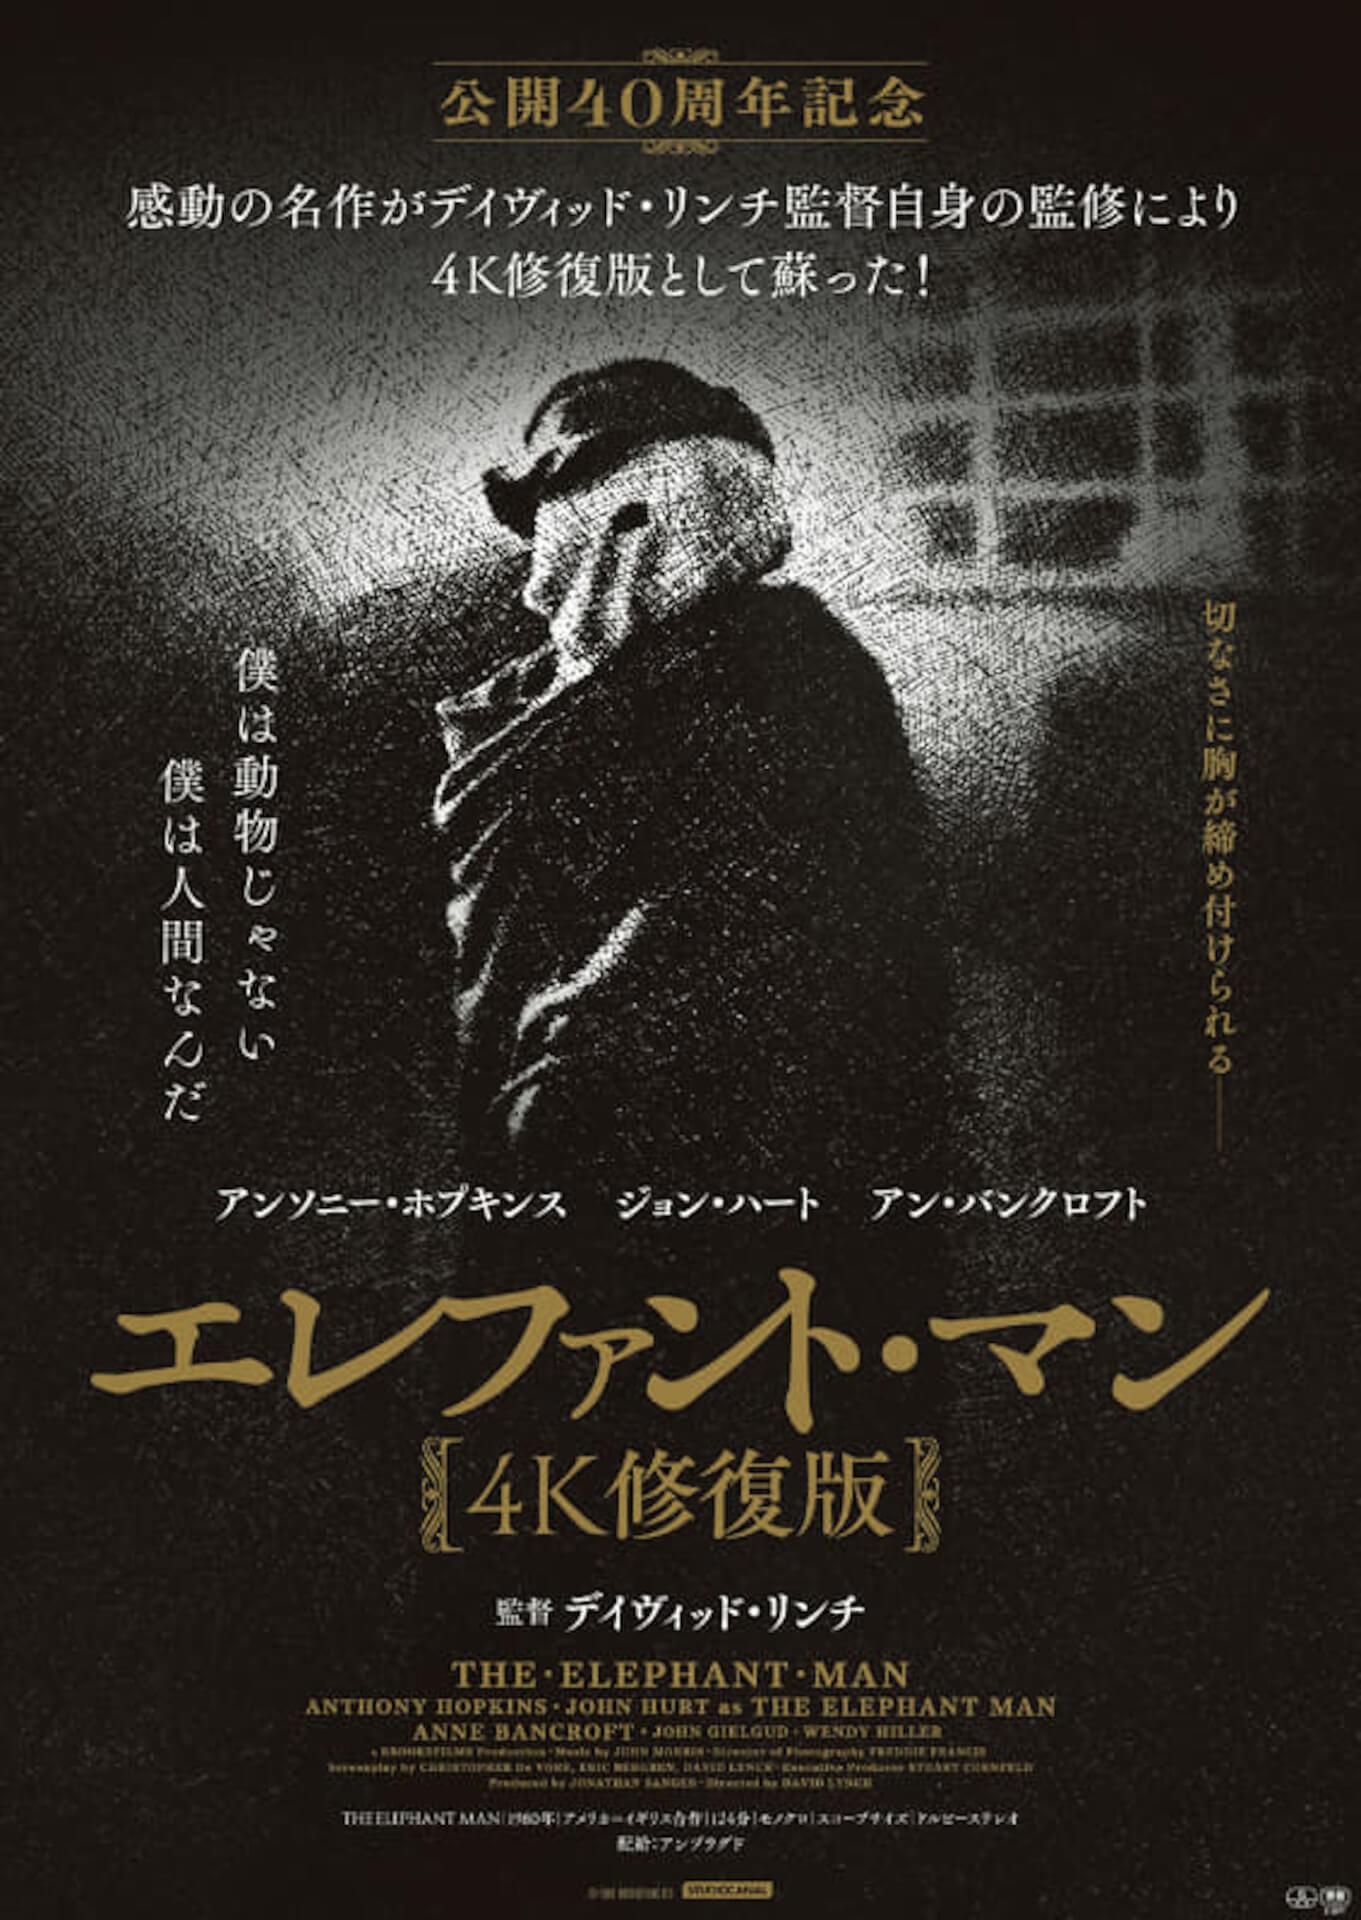 デヴィッド・リンチ最高傑作『エレファント・マン』が4K版で上映決定!自ら製作経緯を語るインタビュー映像が解禁 film200626_elephantman_5